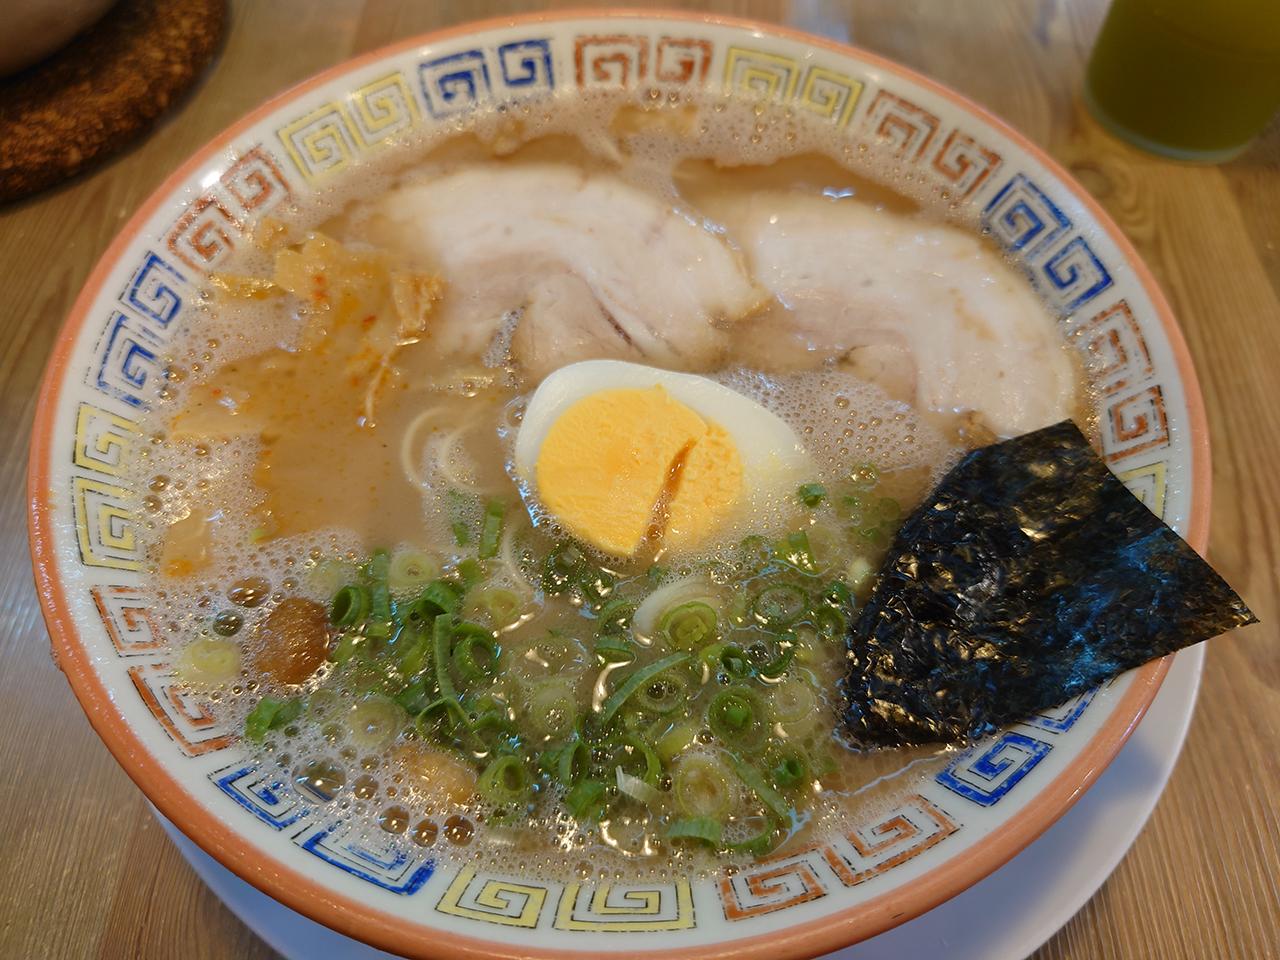 替え玉いっぱい夢いっぱい! 松山にある「久留米とんこつラーメン」でお腹いっぱい食べてきた!